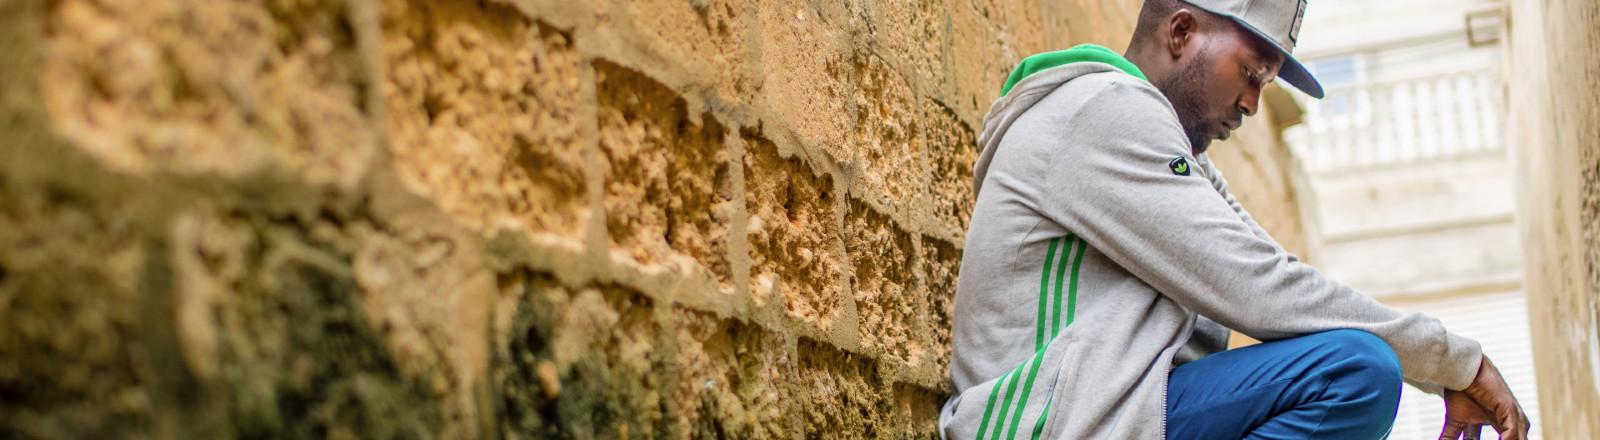 Mann hockt an Mauer gelehnt und denkt nach.